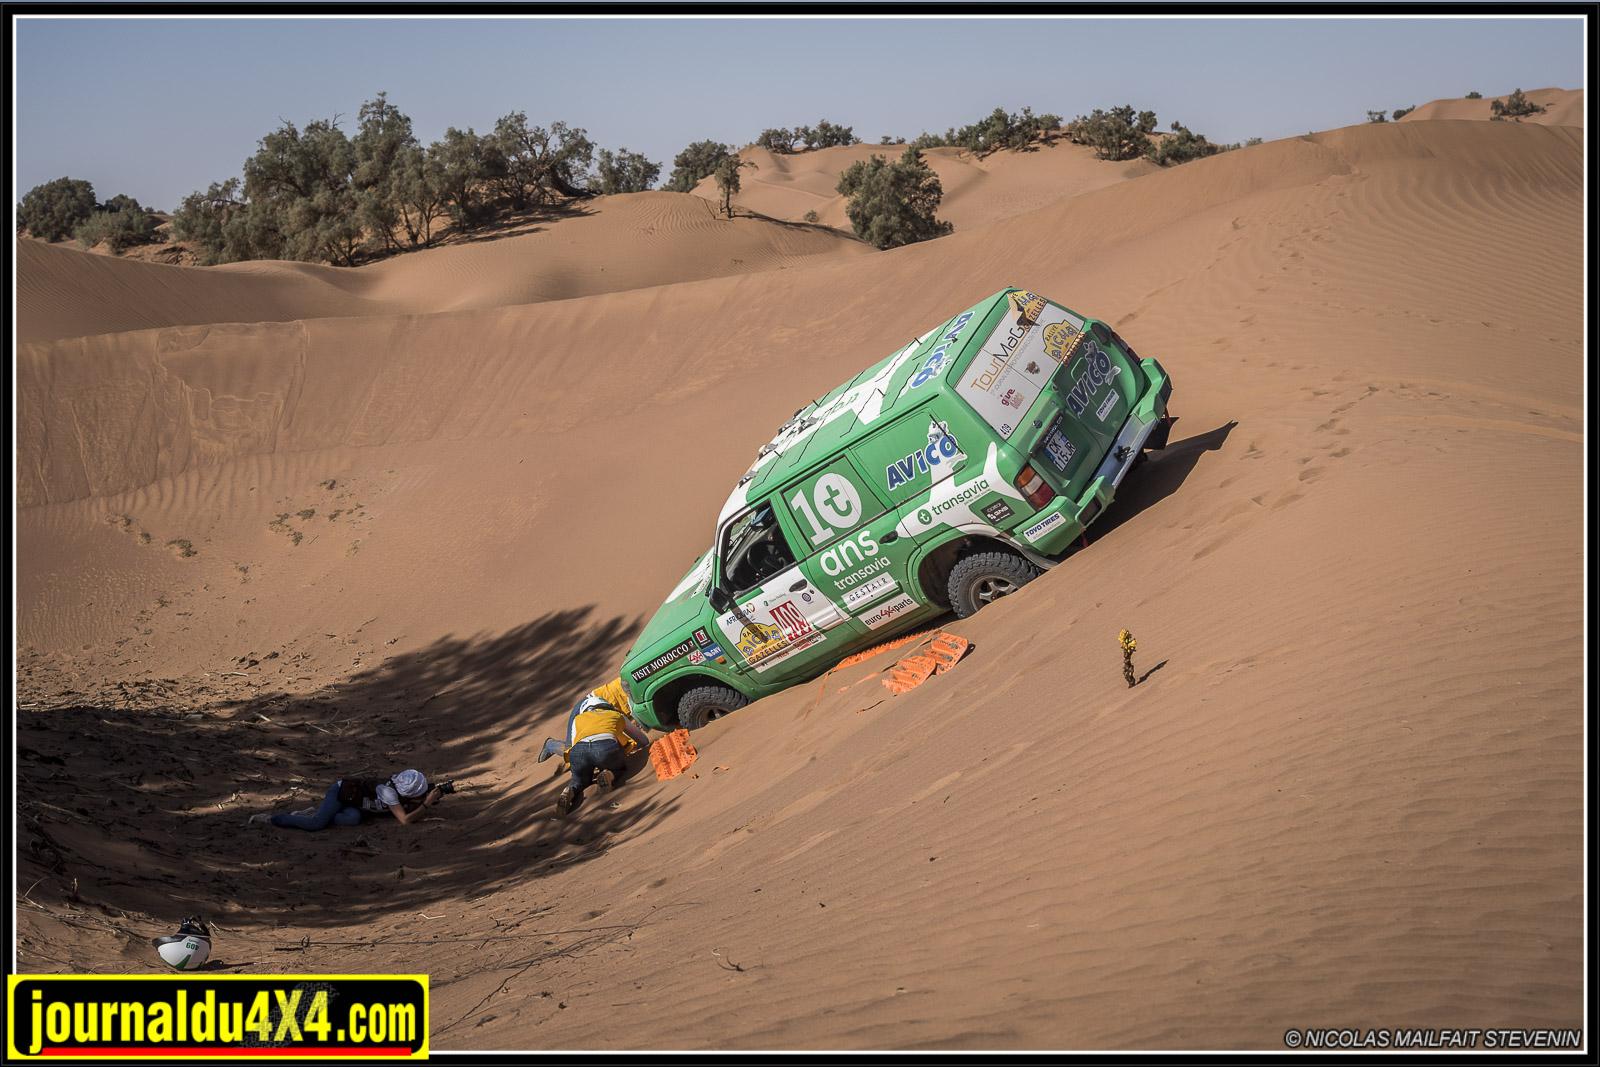 rallye-aicha-gazelles-maroc-2017-7113.jpg